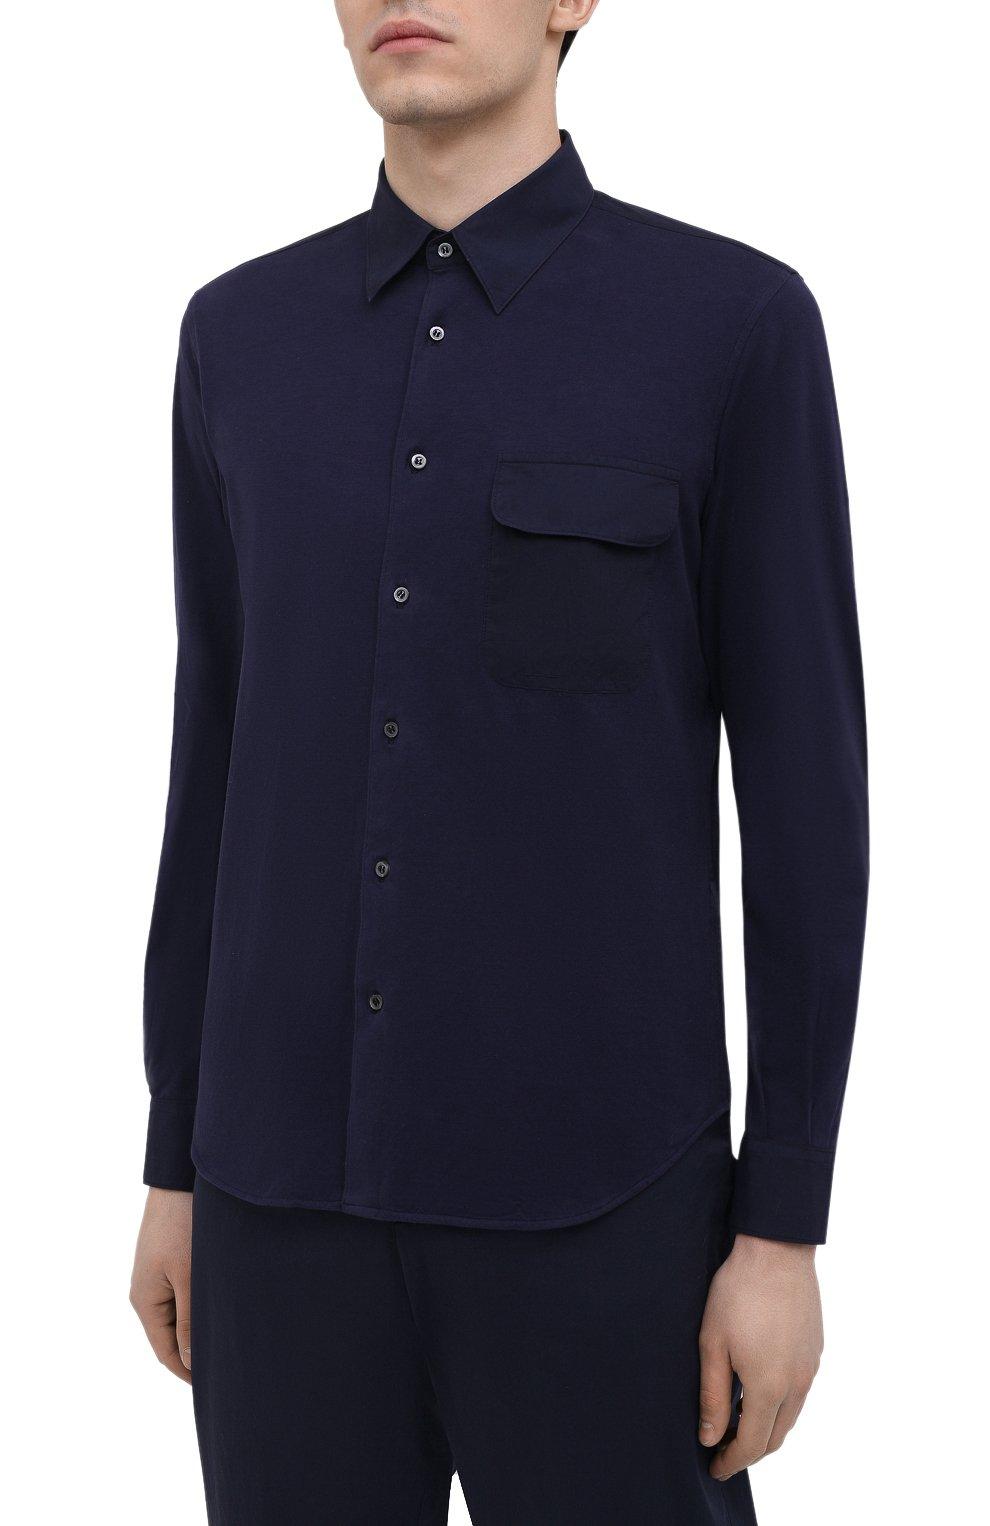 Мужская хлопковая рубашка ASPESI темно-синего цвета, арт. S1 A AY46 9408   Фото 3 (Манжеты: На пуговицах; Воротник: Кент; Рукава: Длинные; Случай: Повседневный; Длина (для топов): Стандартные; Материал внешний: Хлопок; Принт: Однотонные; Стили: Кэжуэл)